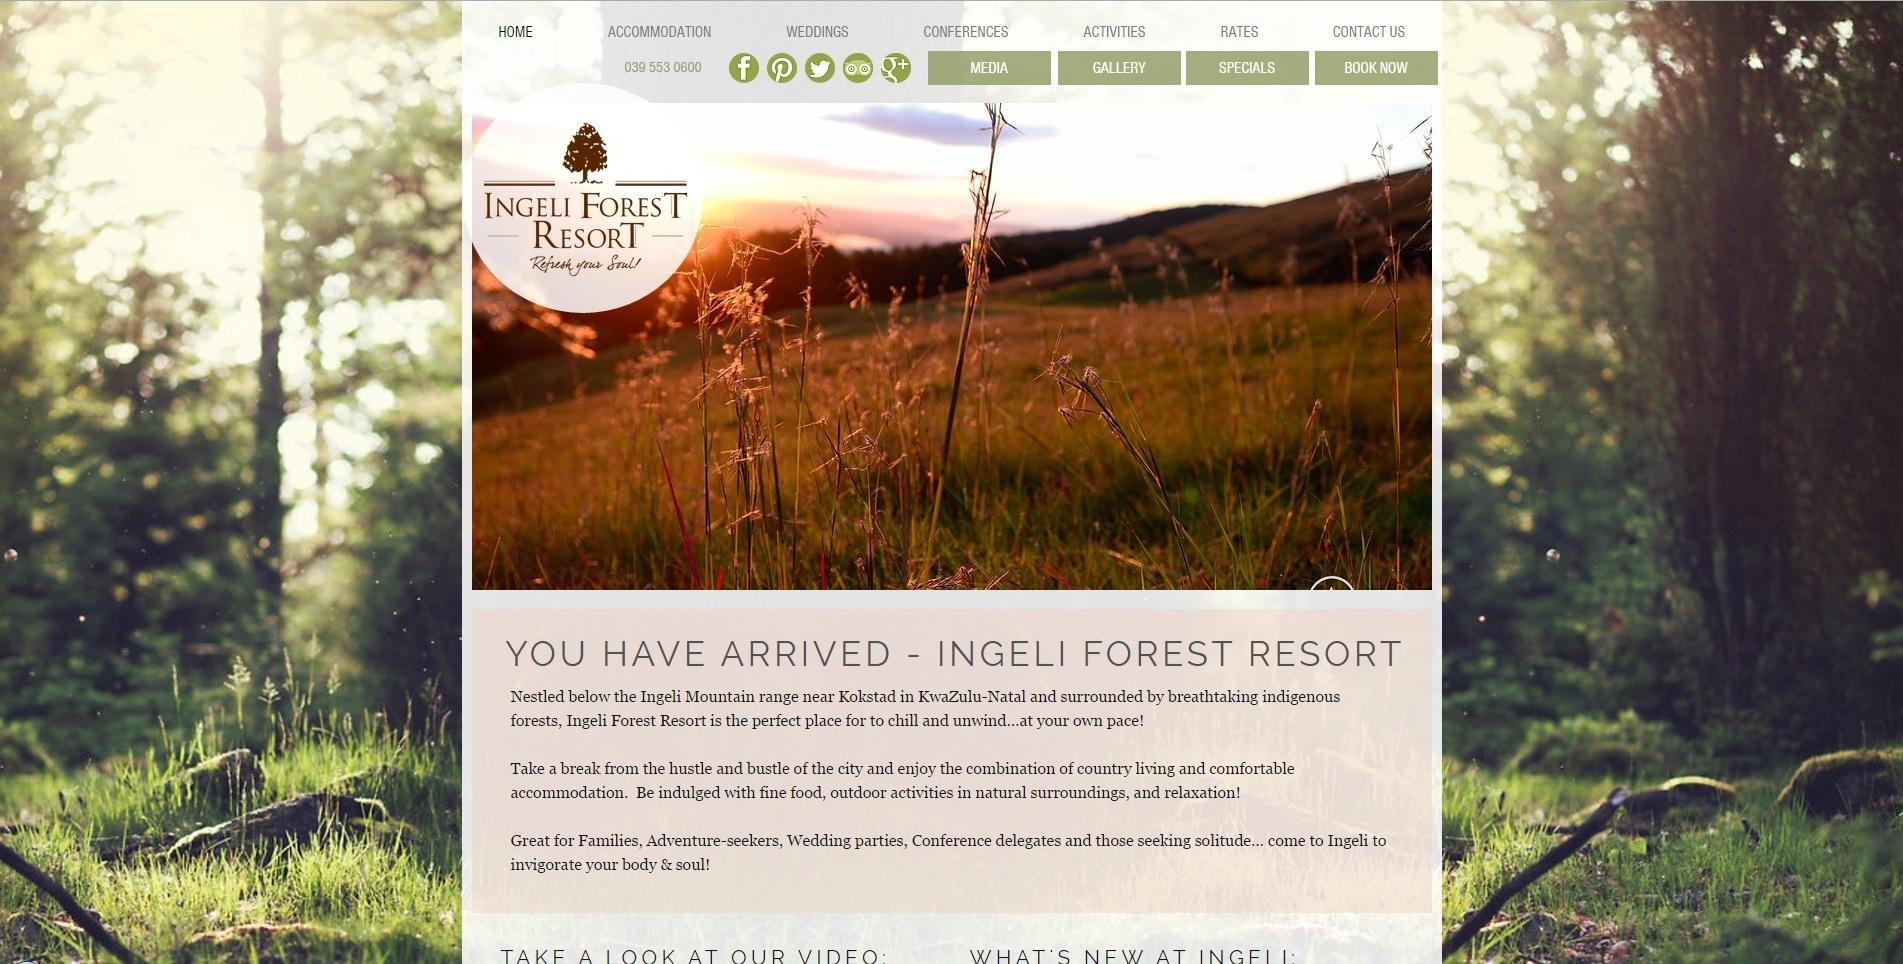 ingeli-forest-resort-.jpg